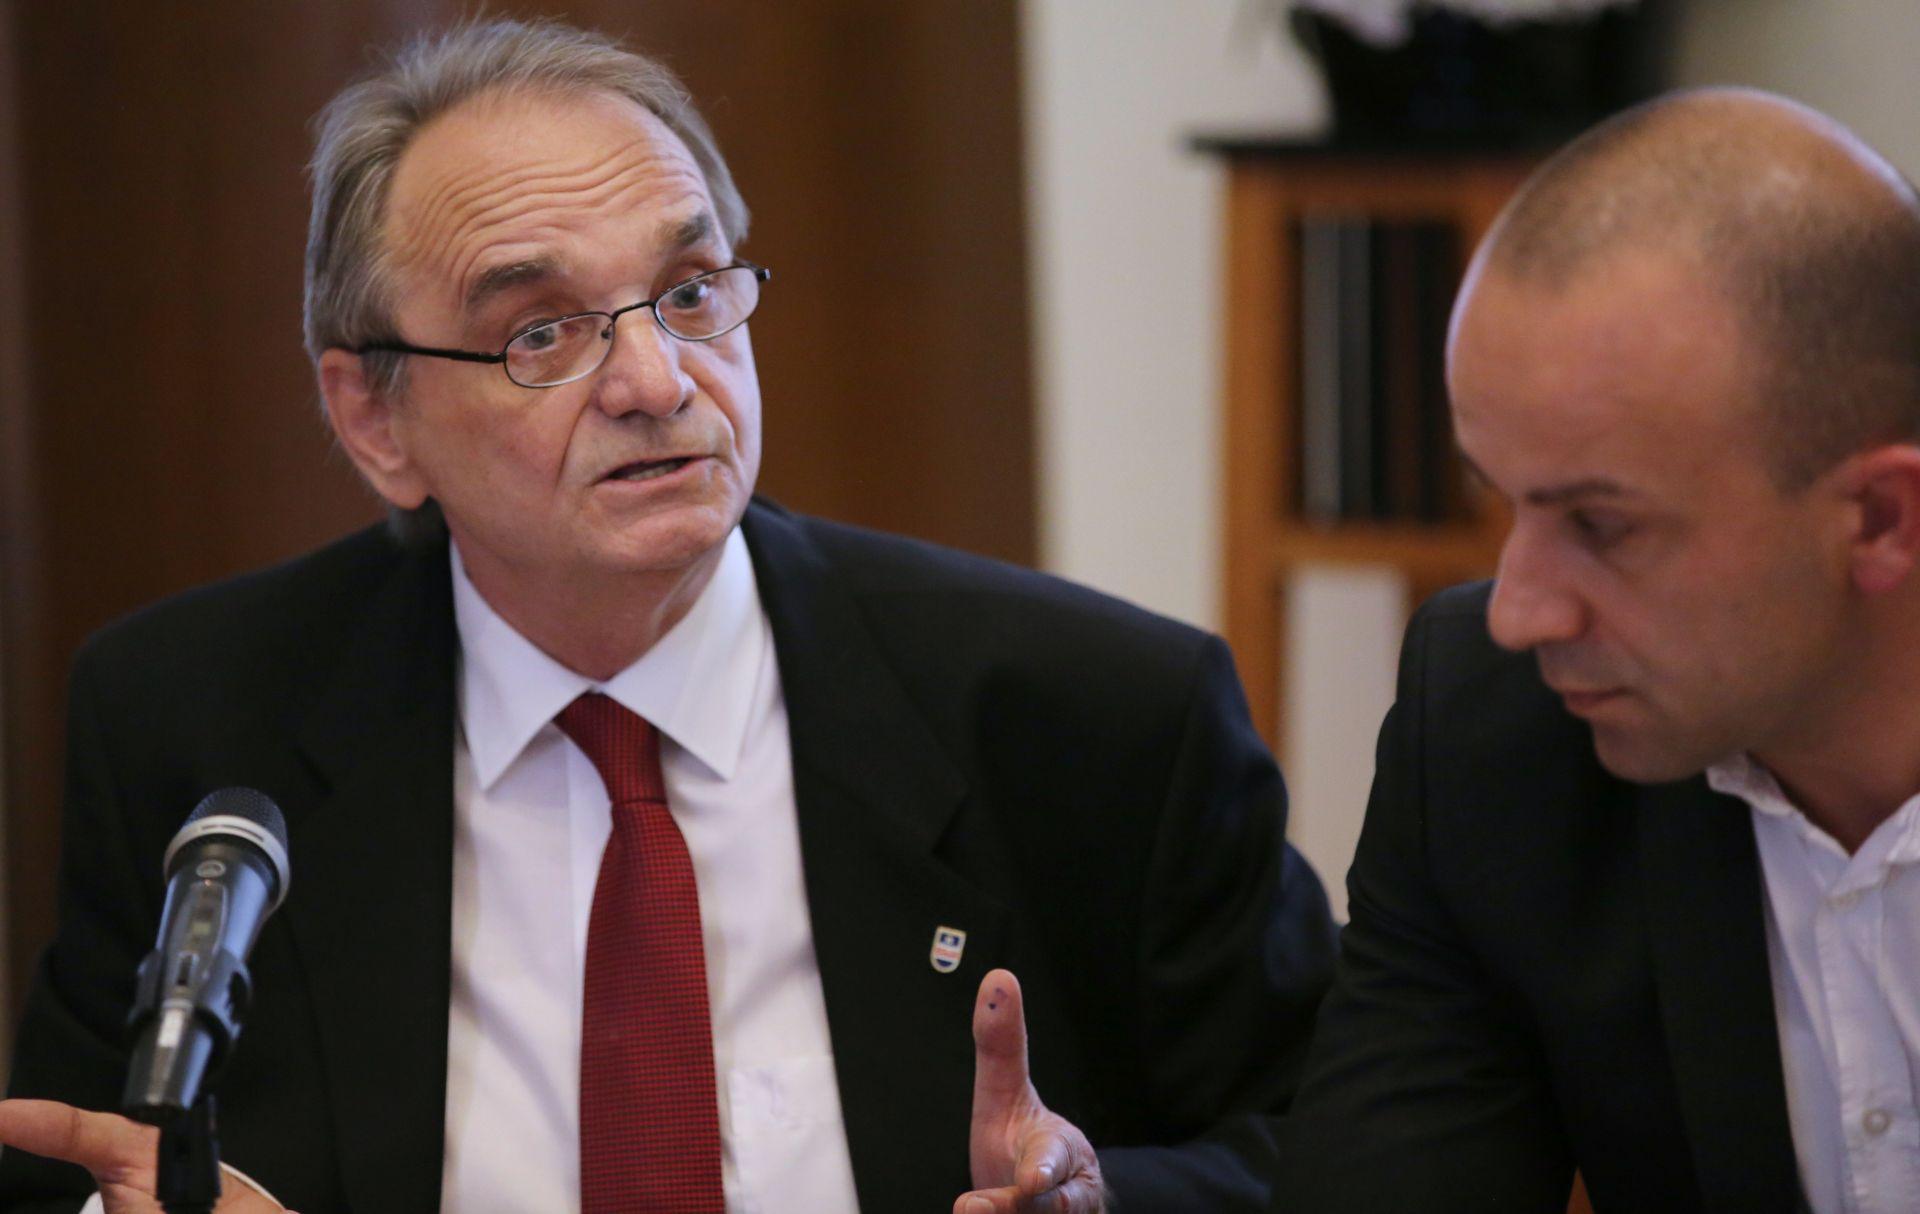 ŠIŠLJAGIĆ 'Koalicijom s HDSSB-om HDZ vraća Glavaša na političku scenu'